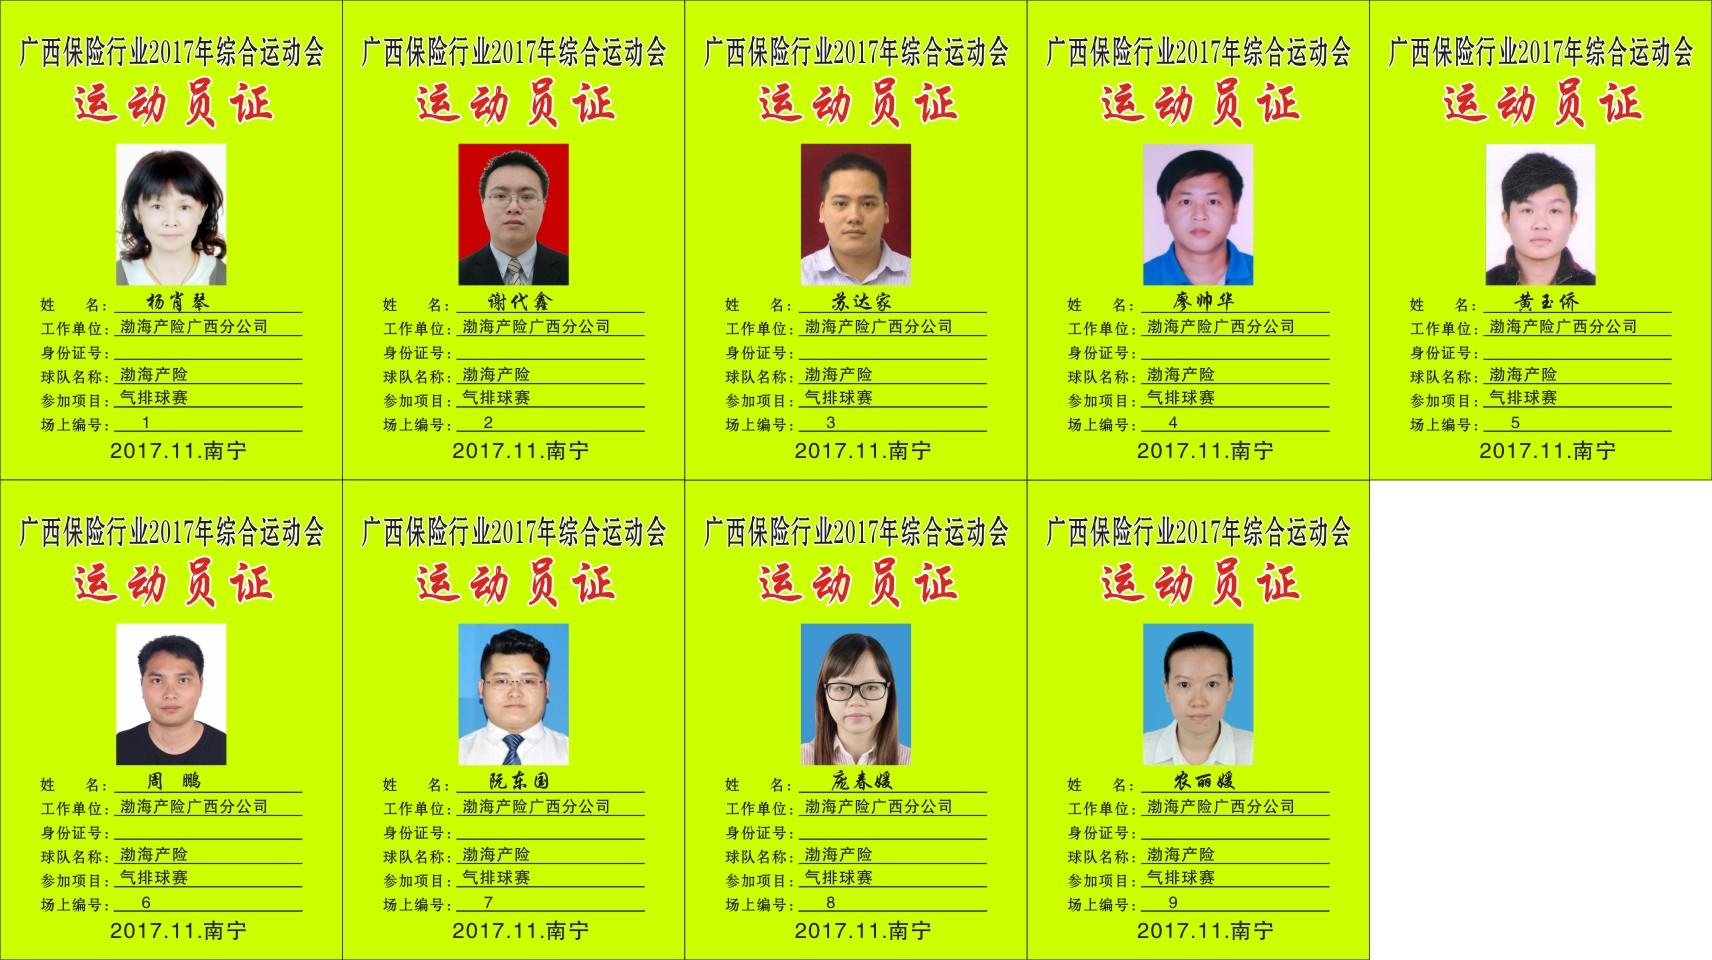 35渤海产险广西分公司.jpg